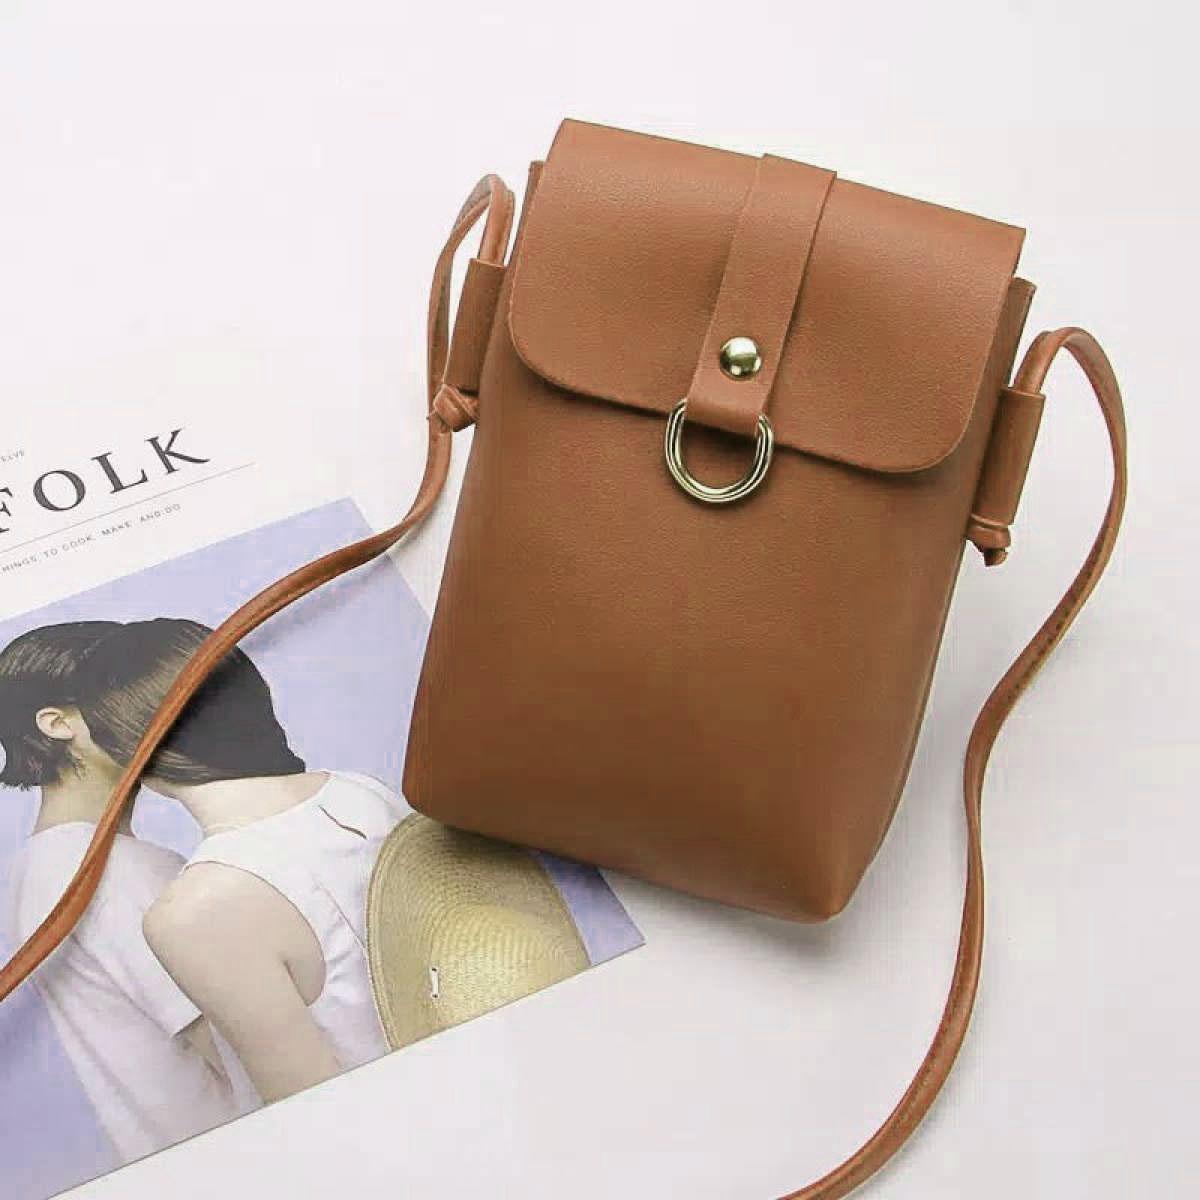 SLING PHONE- Tas Wanita / Dompet Wanita / Dompet Mini / Dompet Fashion / Tas Selempang / Sling Bag